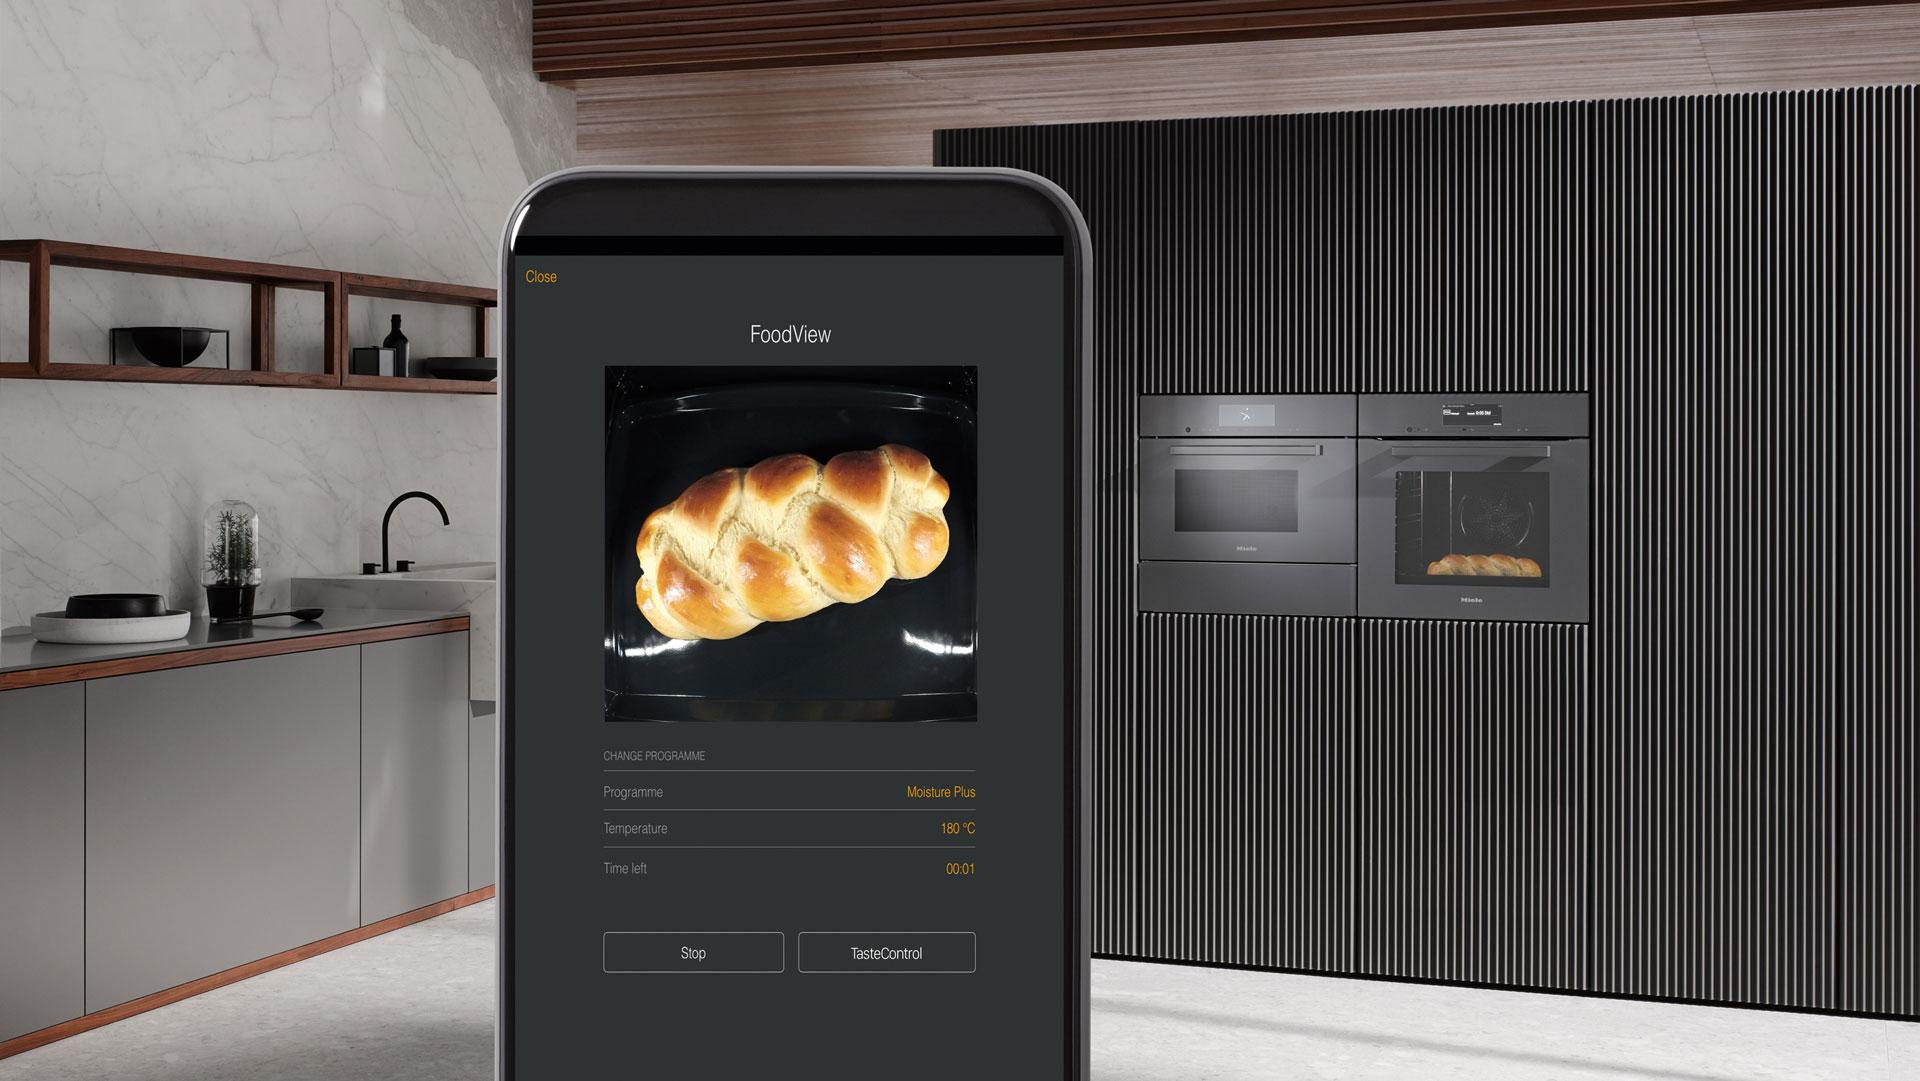 Kochen mit Kamerassistent - Smart Home von Miele